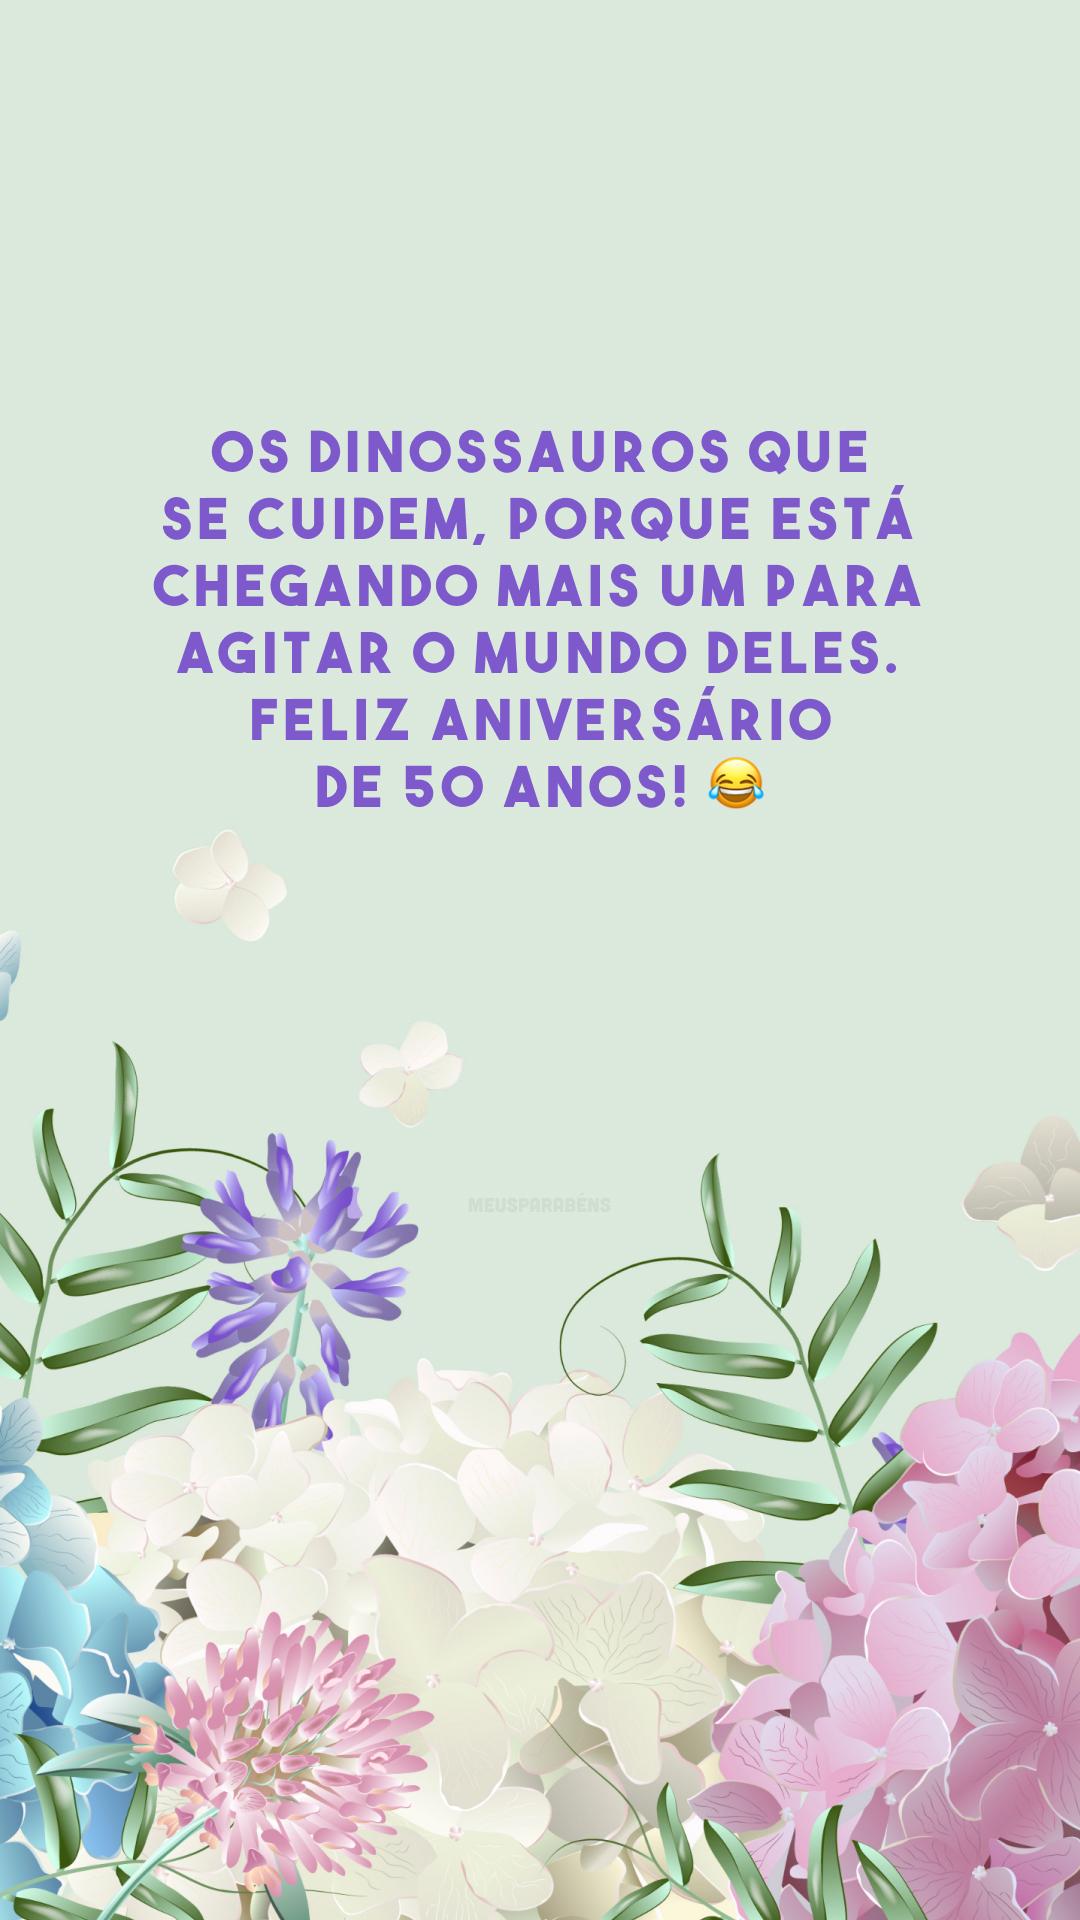 Os dinossauros que se cuidem, porque está chegando mais um para agitar o mundo deles. Feliz aniversário de 50 anos! 😂